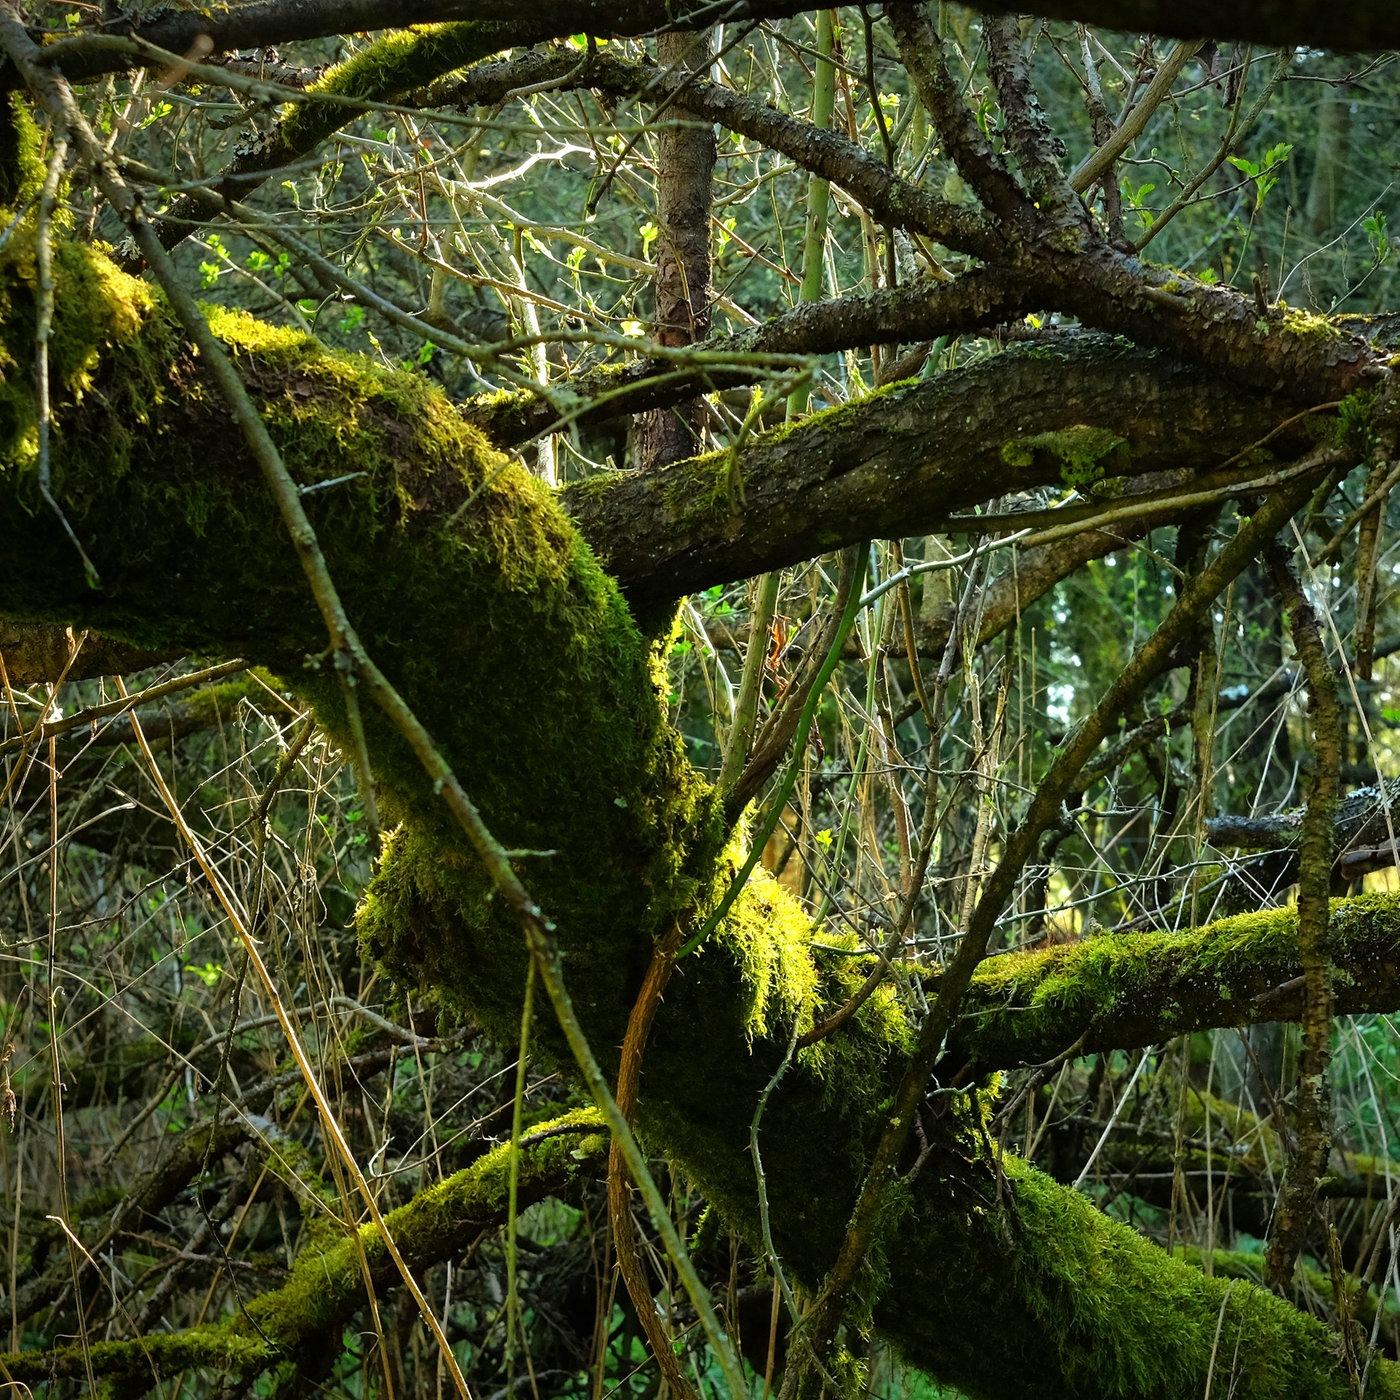 Der Wald - Die Natur schlägt zurück